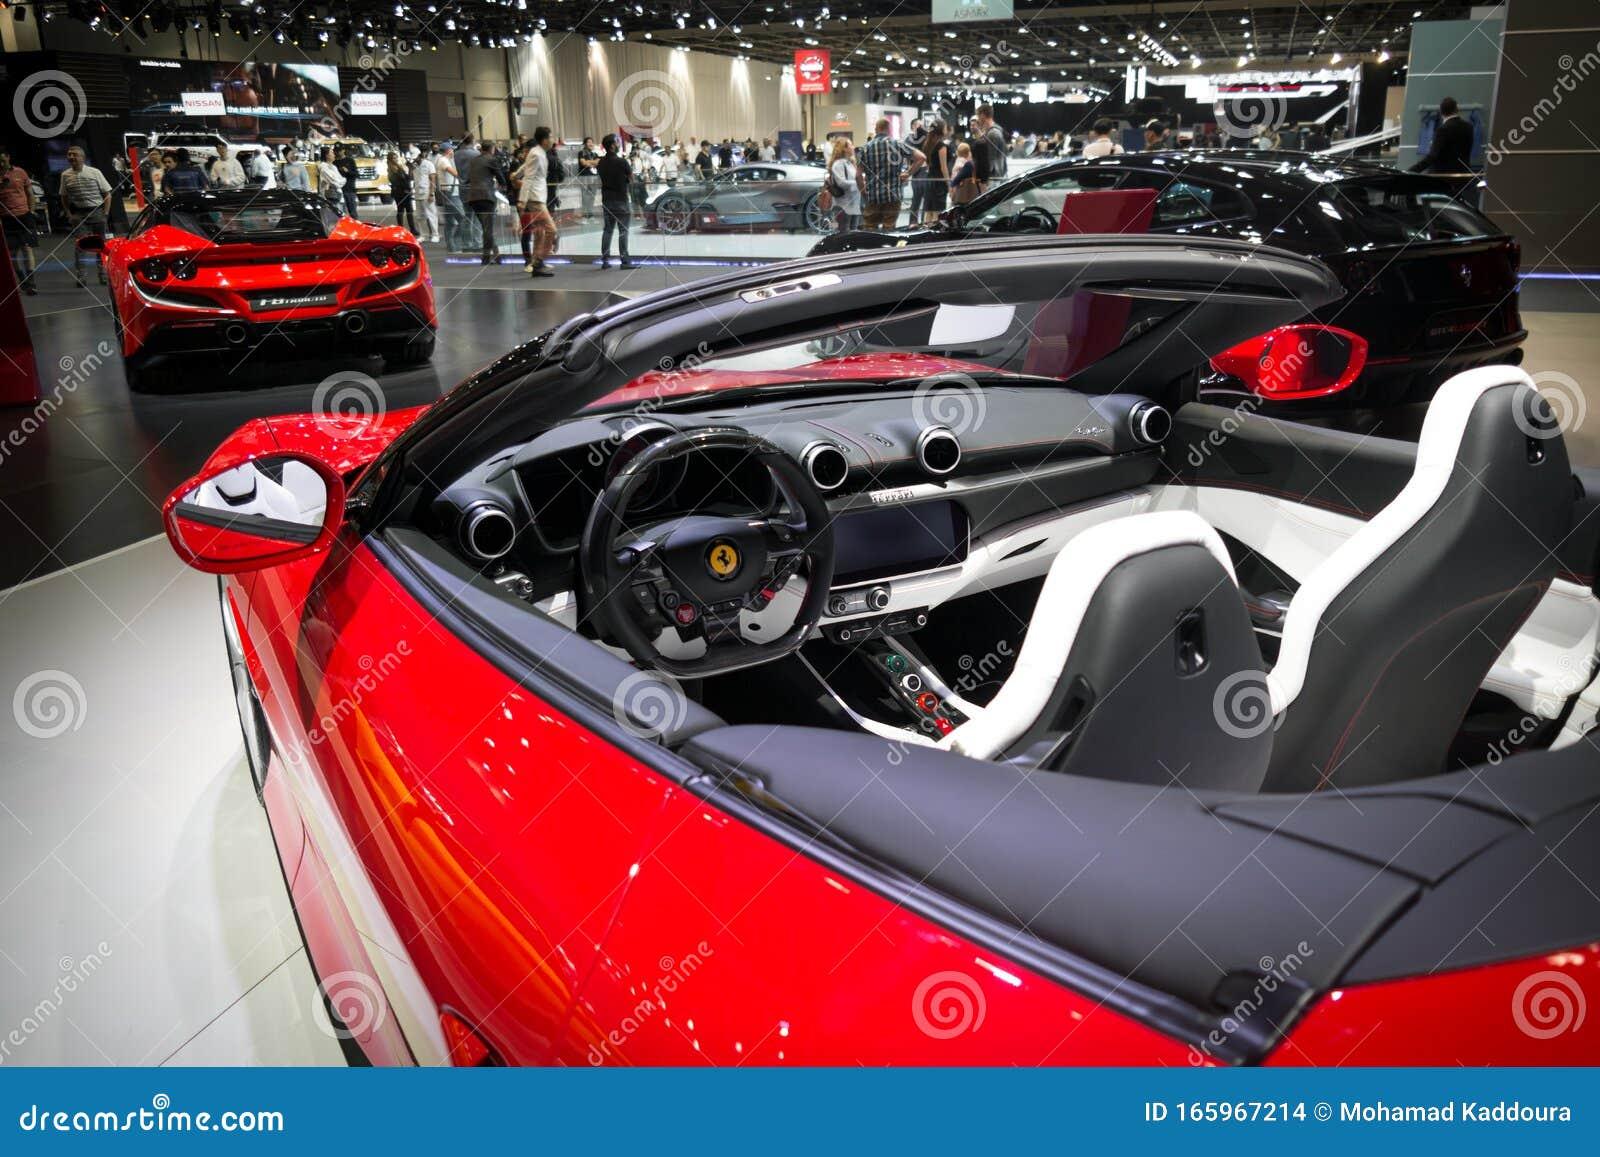 Ferrari Portofino 2020 Interior In A Beautiful Color Convertible Luxurious Sport Car Editorial Stock Image Image Of Automobile Interior 165967214